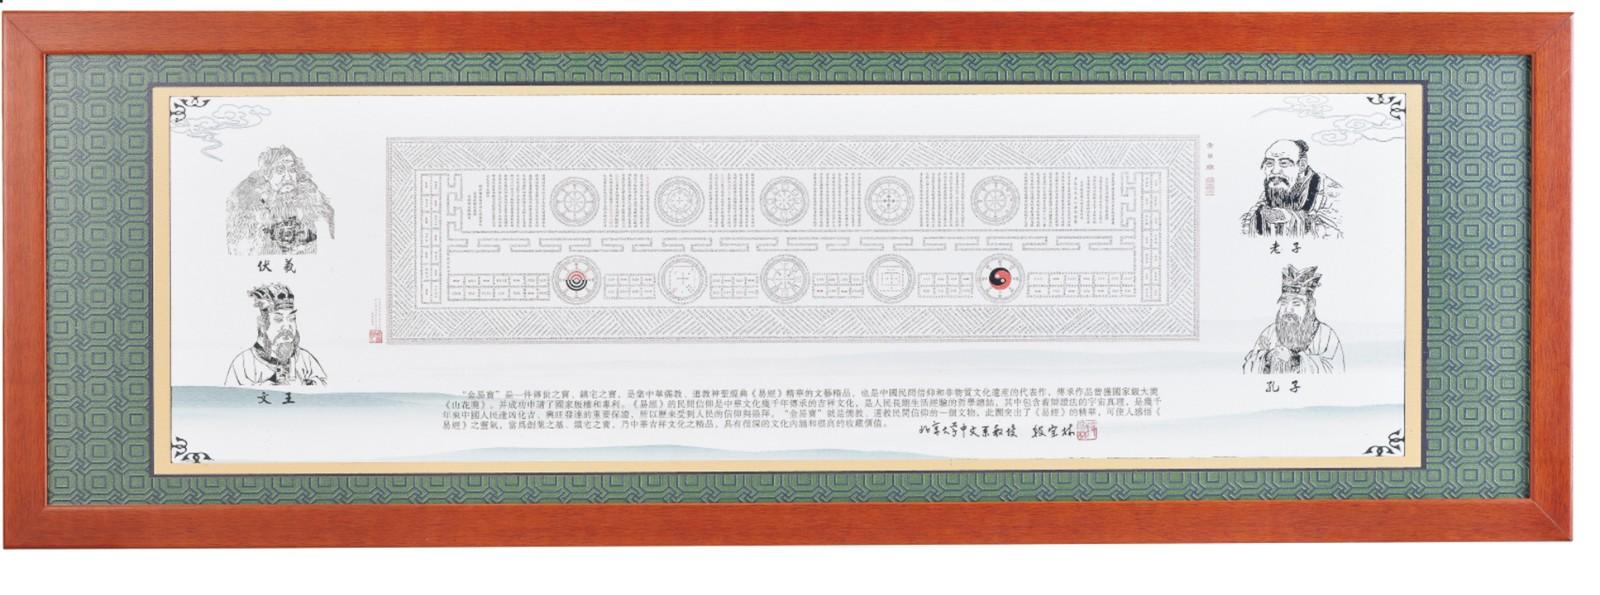 人生智慧图|牌匾(玄关挂件)-肇庆市鼎湖华夏文化传播有限公司